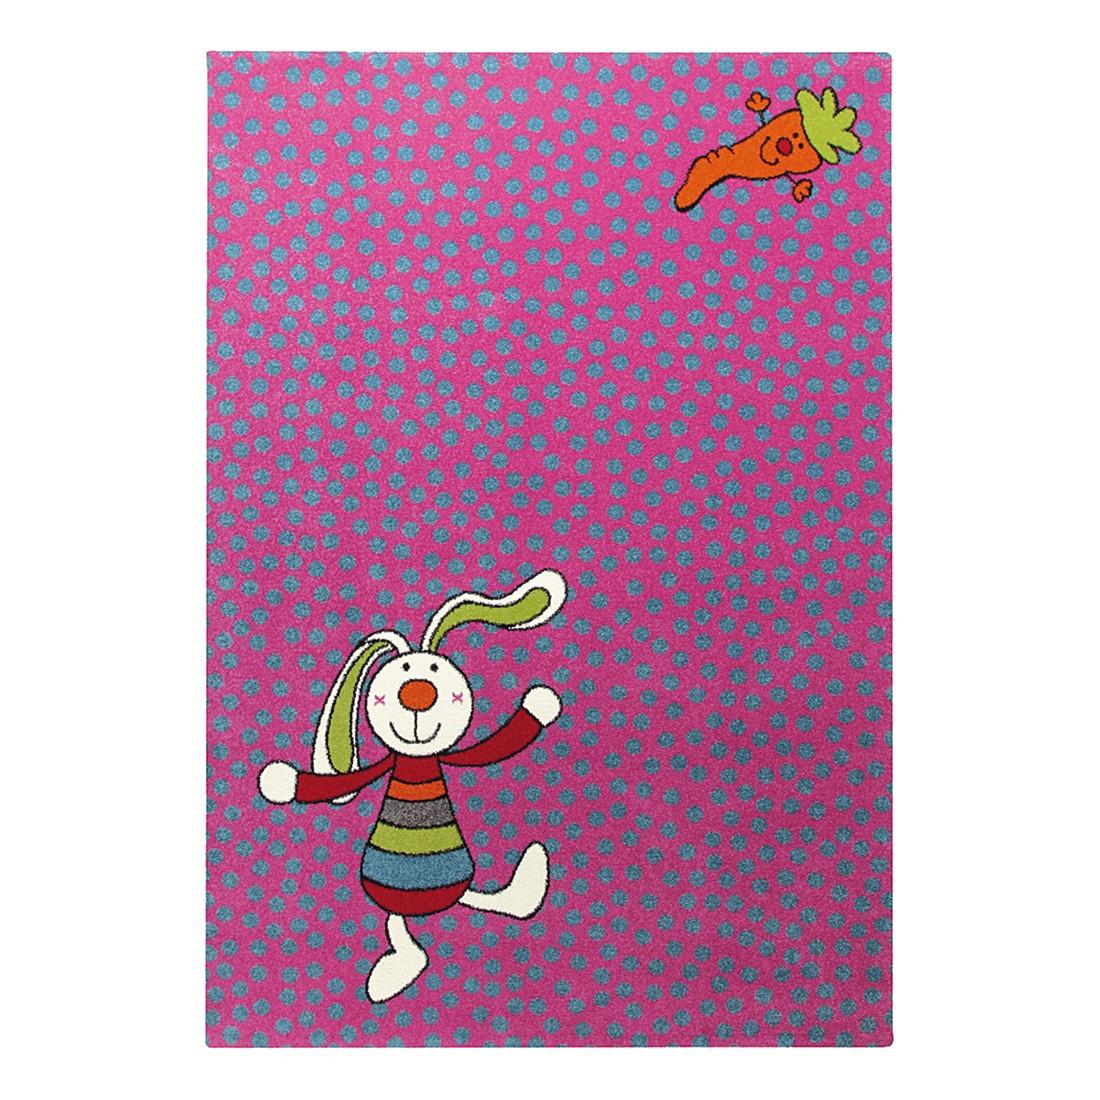 home24 Kinderteppich Rainbow Rabbit | Kinderzimmer > Textilien für Kinder | Pink | Textil | Sigikid